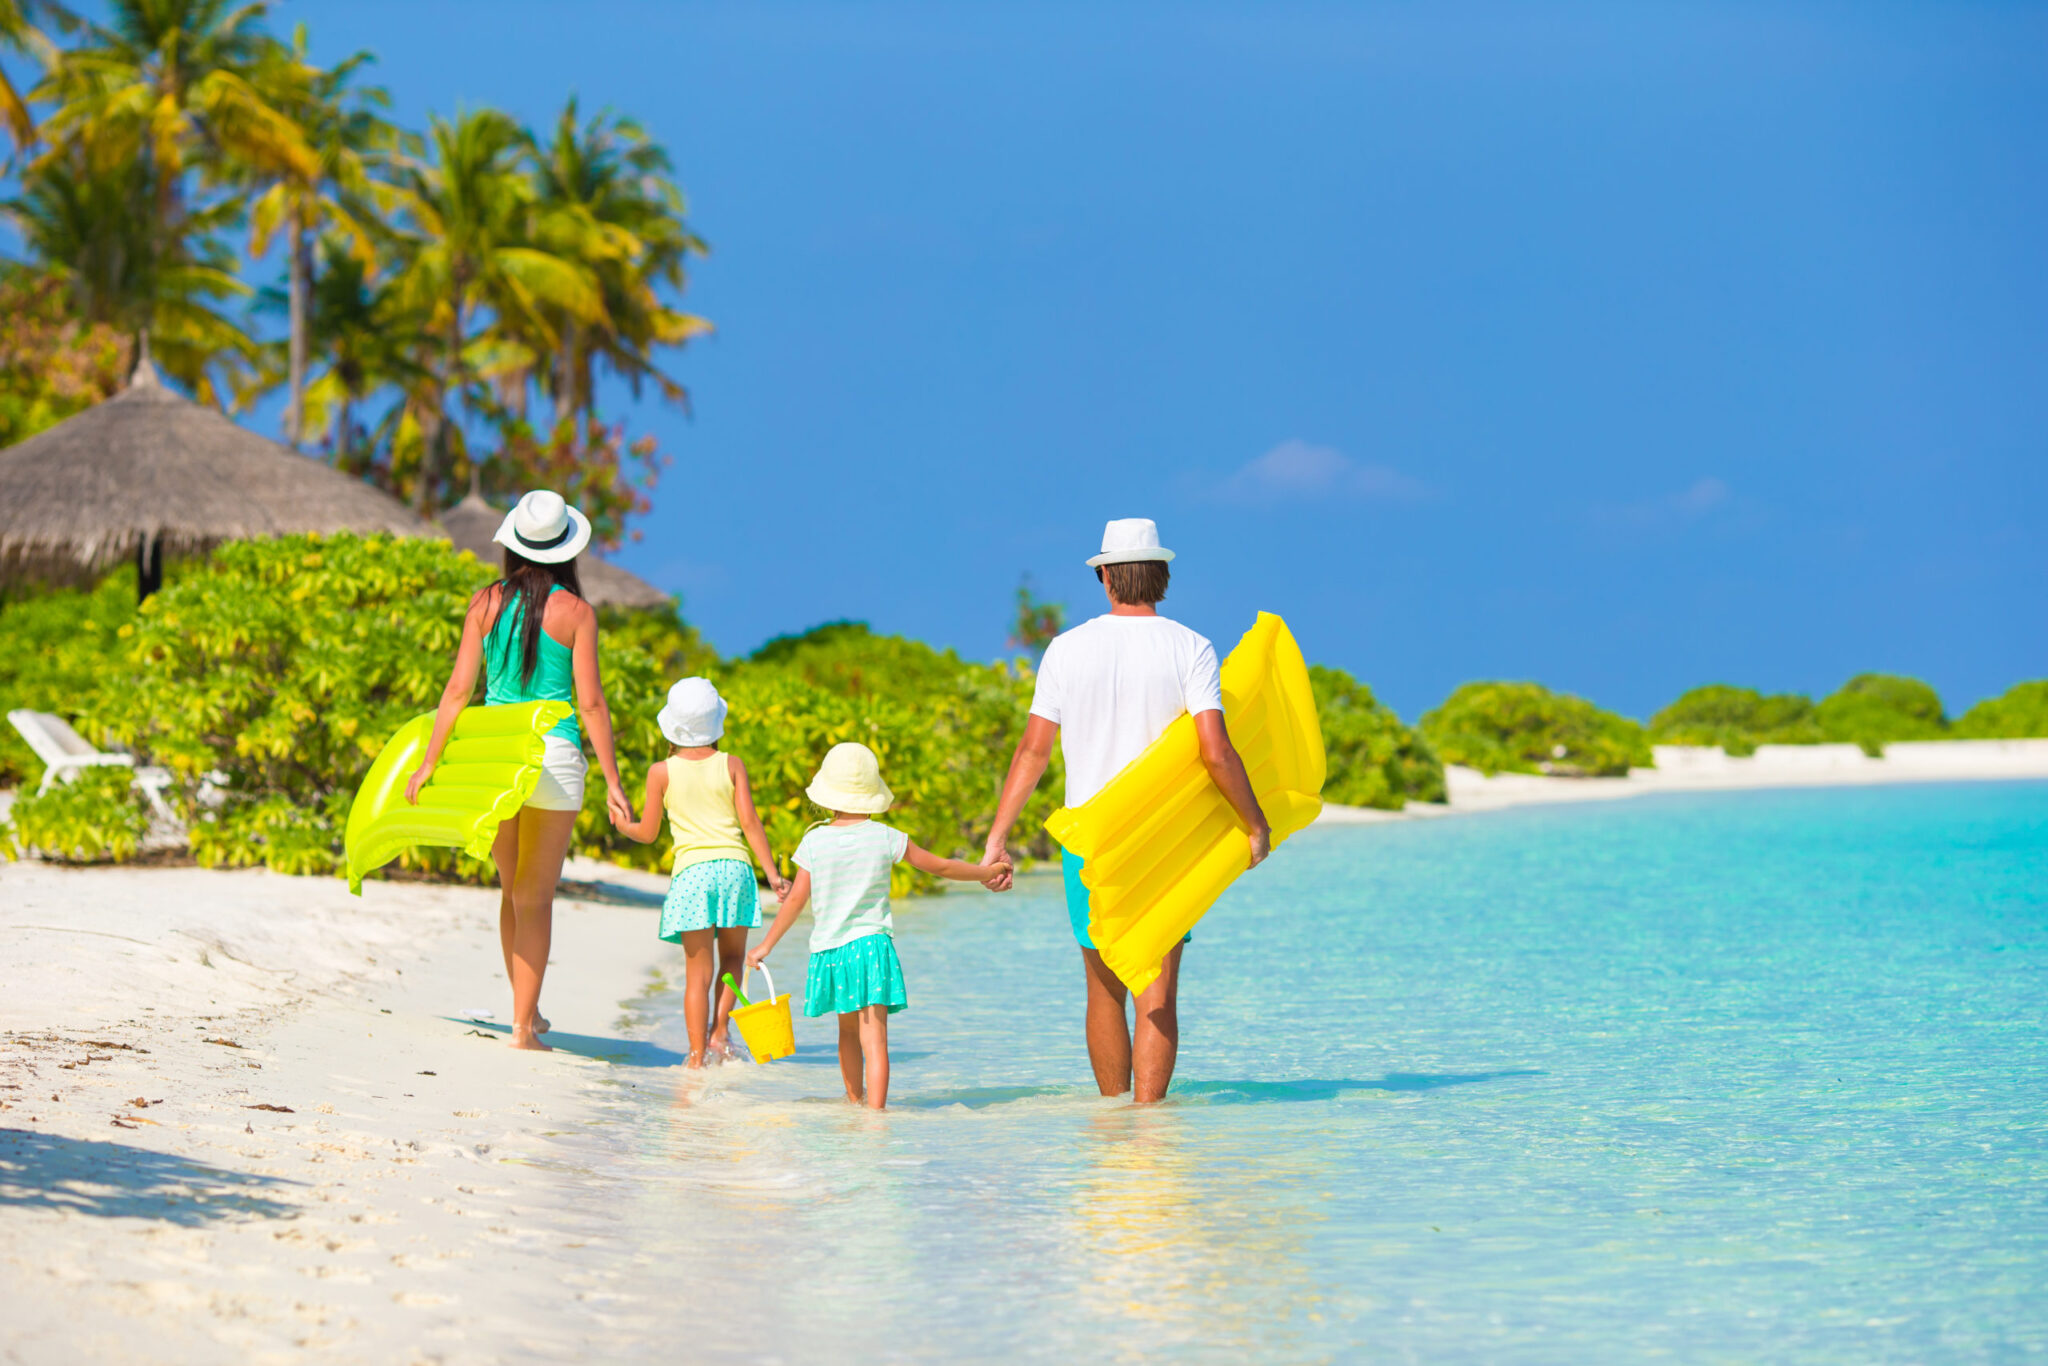 Hot Sale: el turismo propone ofertas tentadoras y flexibles